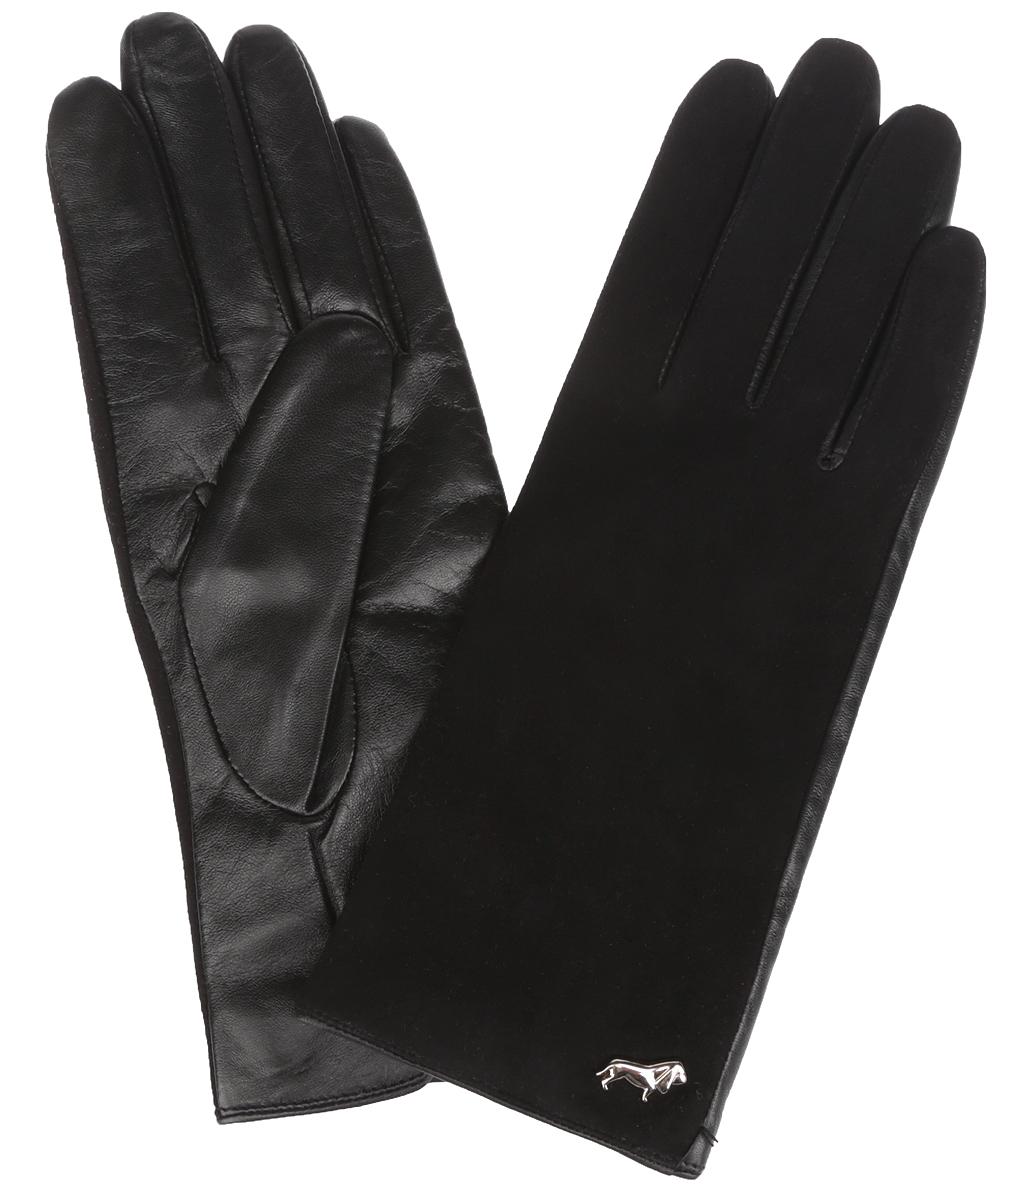 LB-4707Классические женские перчатки Labbra не только защитят ваши руки, но и станут великолепным украшением. Тыльная сторона перчаток выполнена из замши, а на ладошках - из чрезвычайно мягкой и приятной на ощупь натуральной кожи ягненка, а их подкладка - из натуральной шерсти с добавлением акрила. Внешняя сторона оформлена фирменным логотипом в виде собачки. Качественная отделка кожи ягненка делает эту модель не только красивой, но и долговечной. В настоящее время перчатки являются неотъемлемой принадлежностью одежды, вместе с этим аксессуаром вы обретаете женственность и элегантность. Перчатки станут завершающим и подчеркивающим элементом вашего стиля и неповторимости.